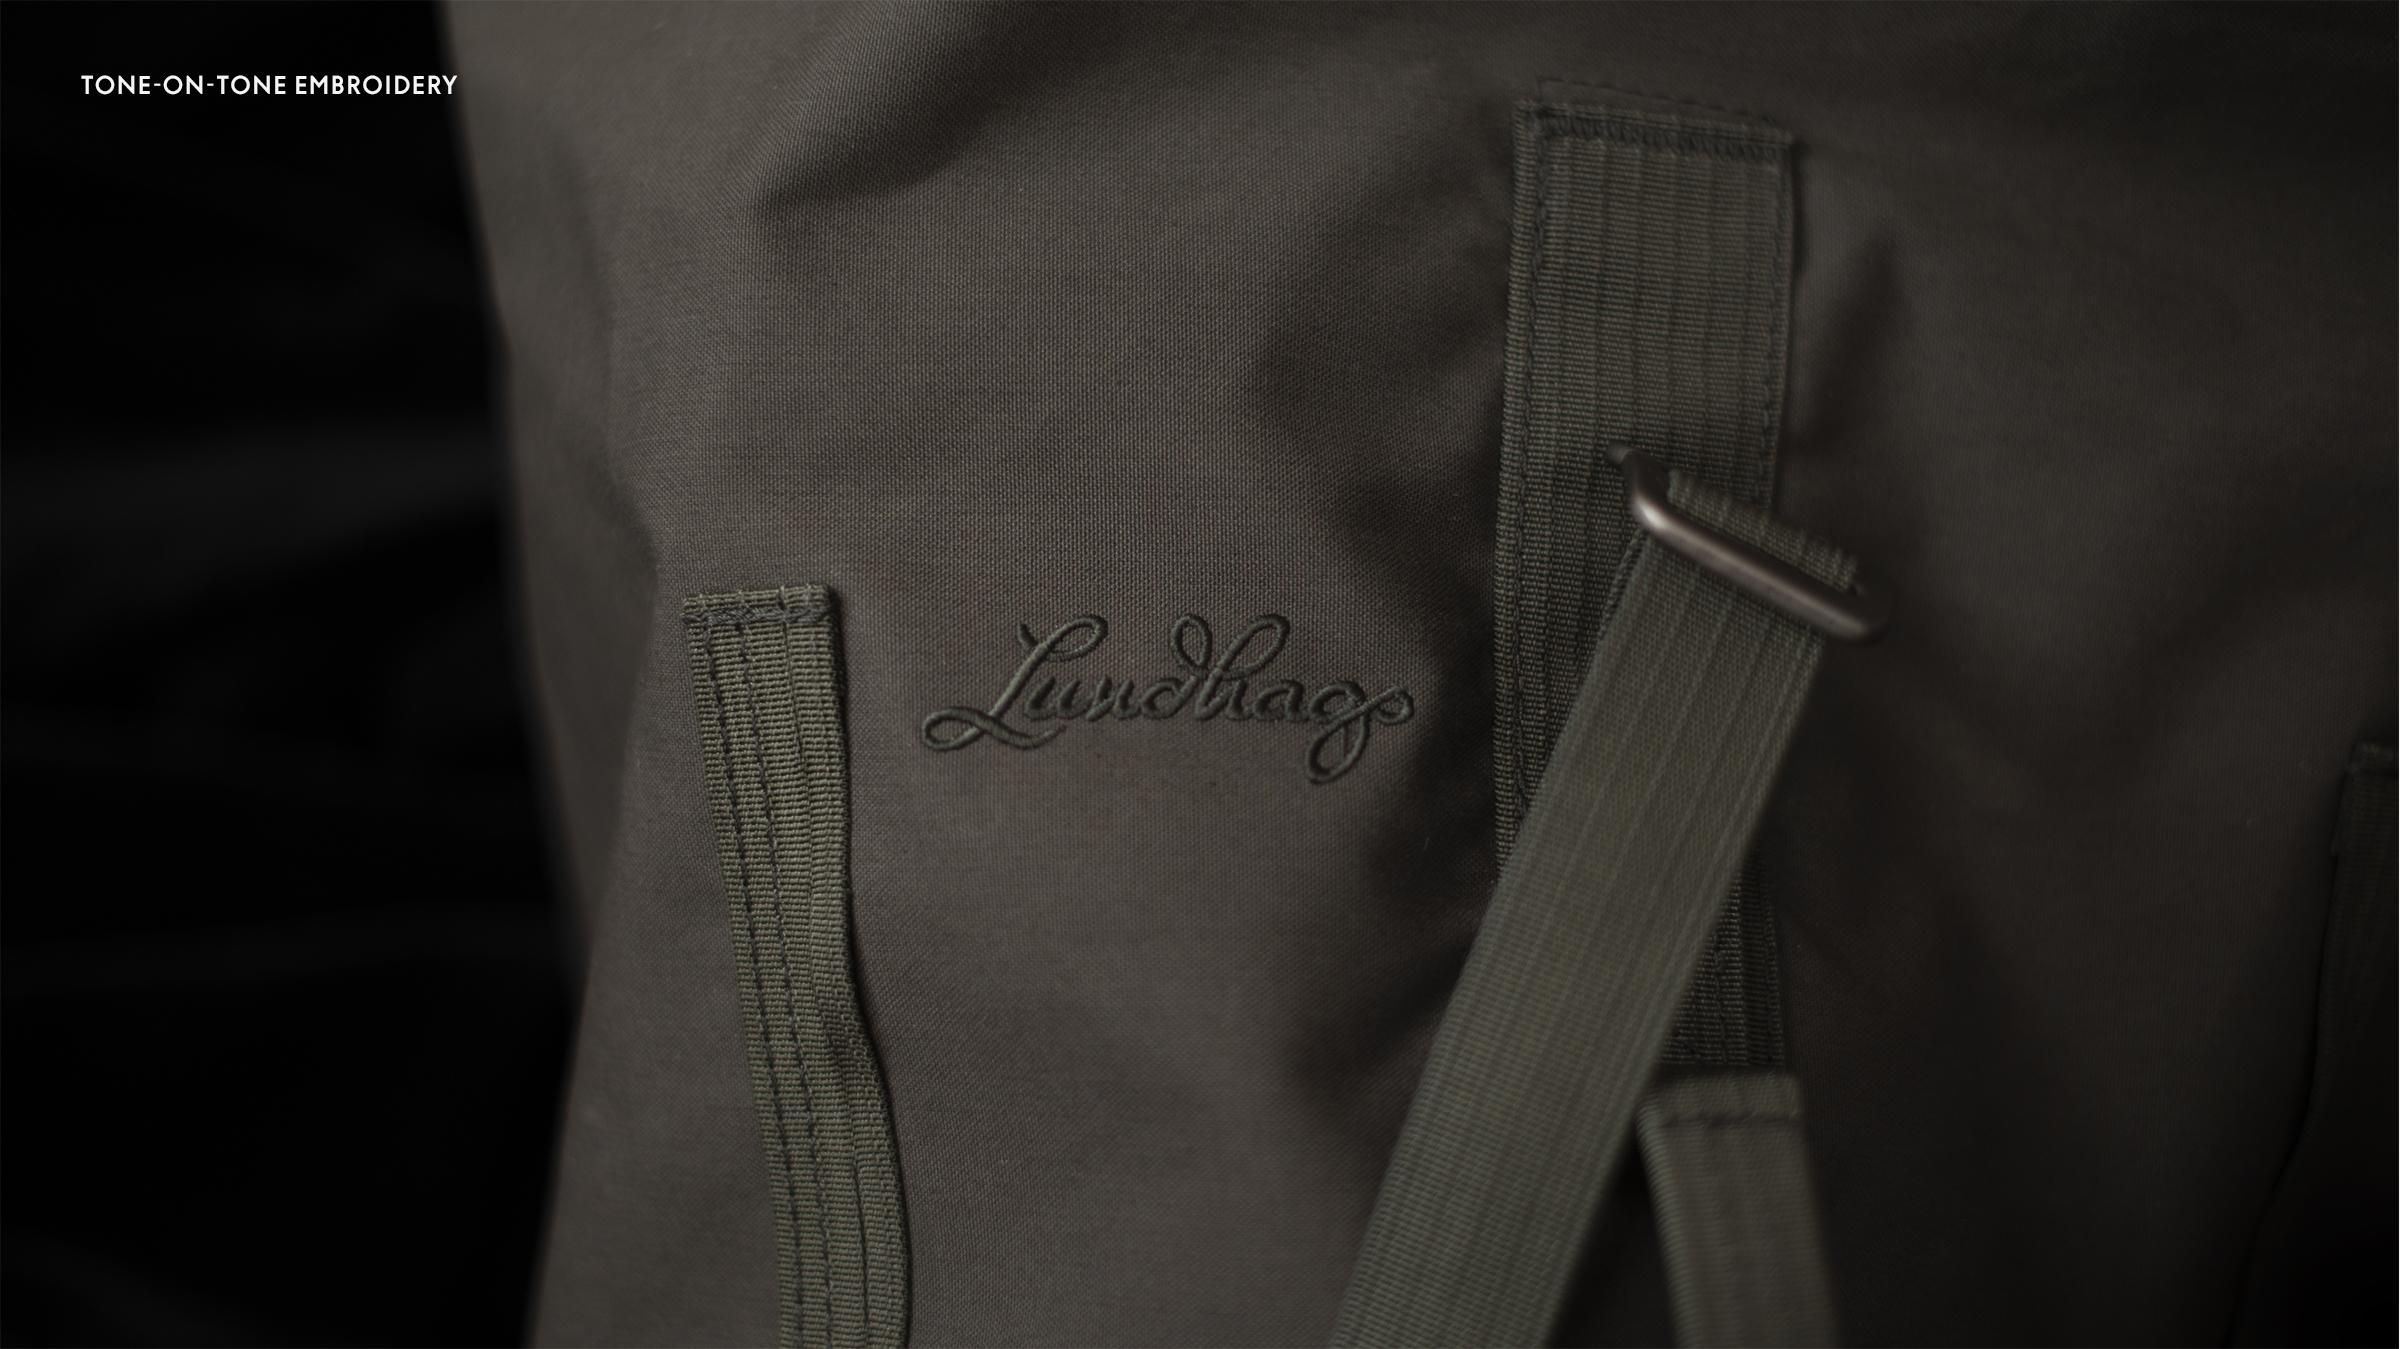 Lundhags märke på ryggsäck